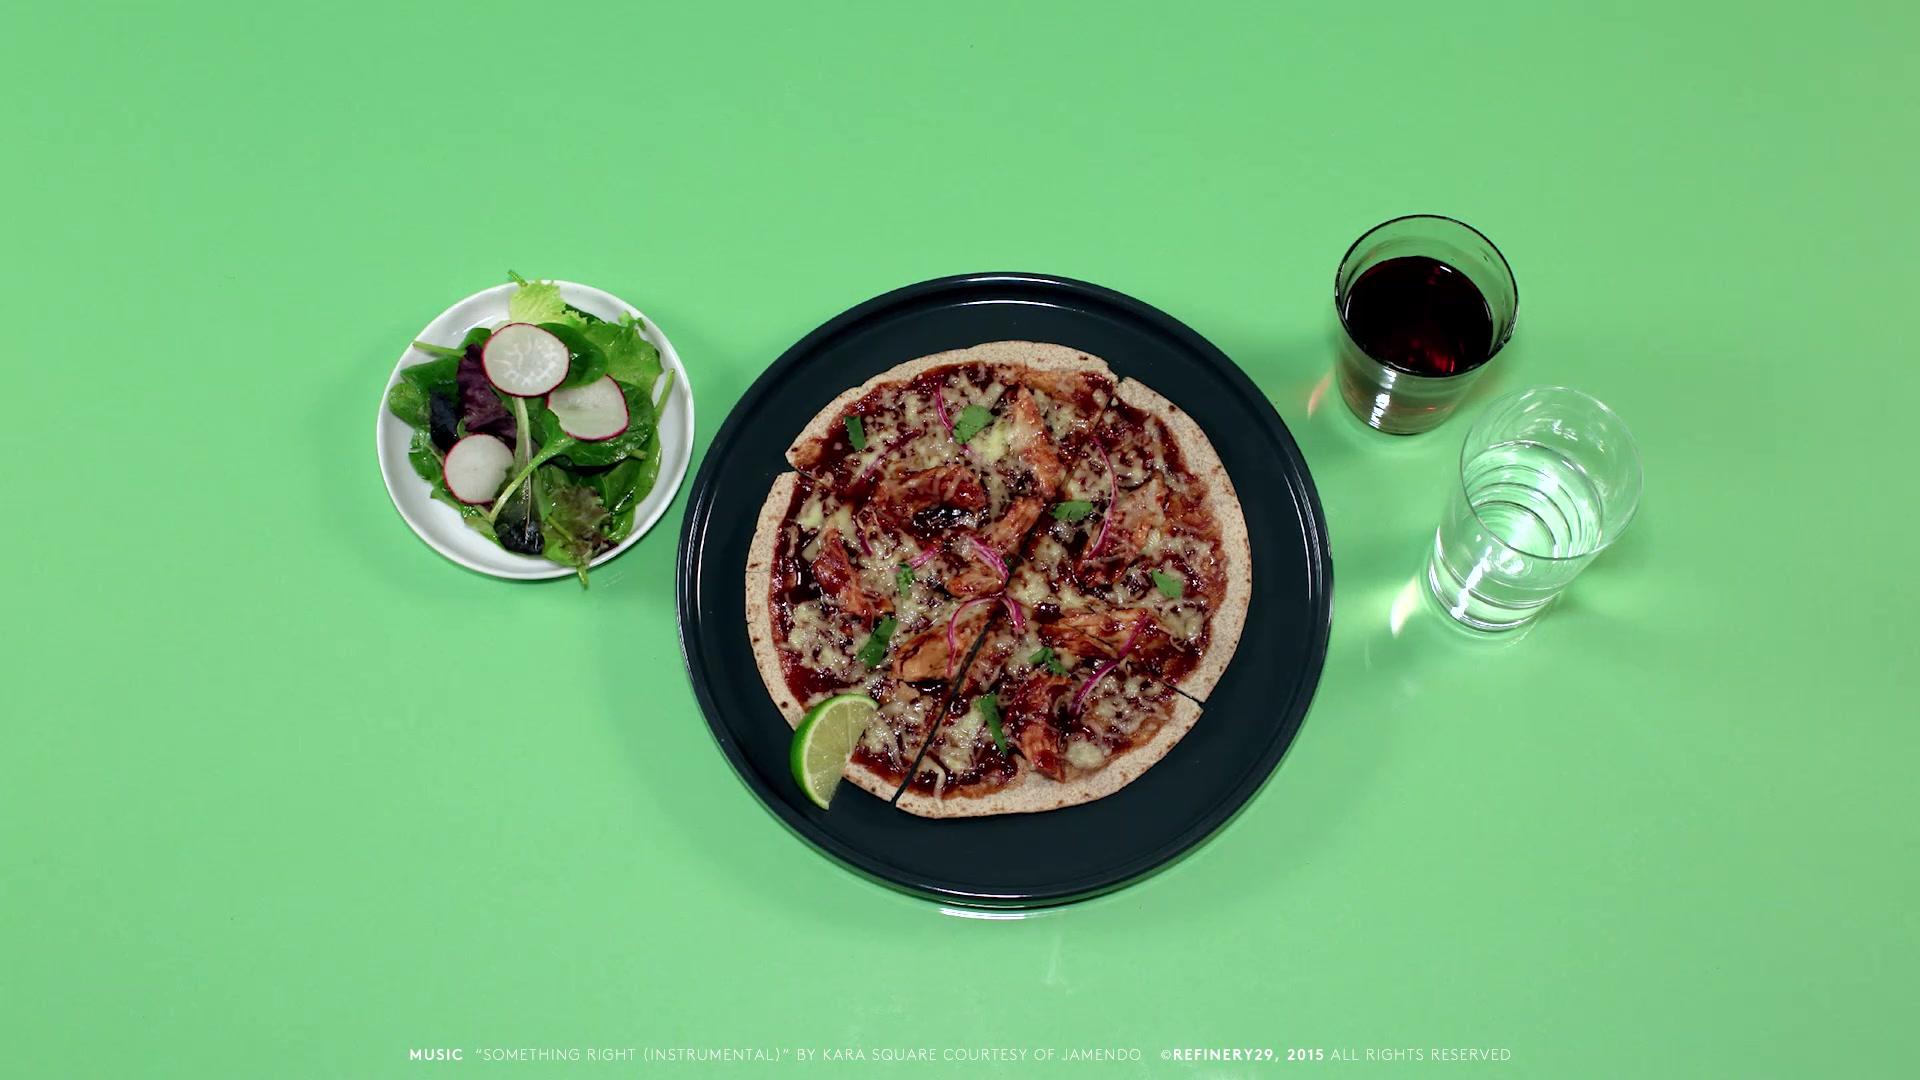 Weight Watchers' Tortilla Pizza Recipe